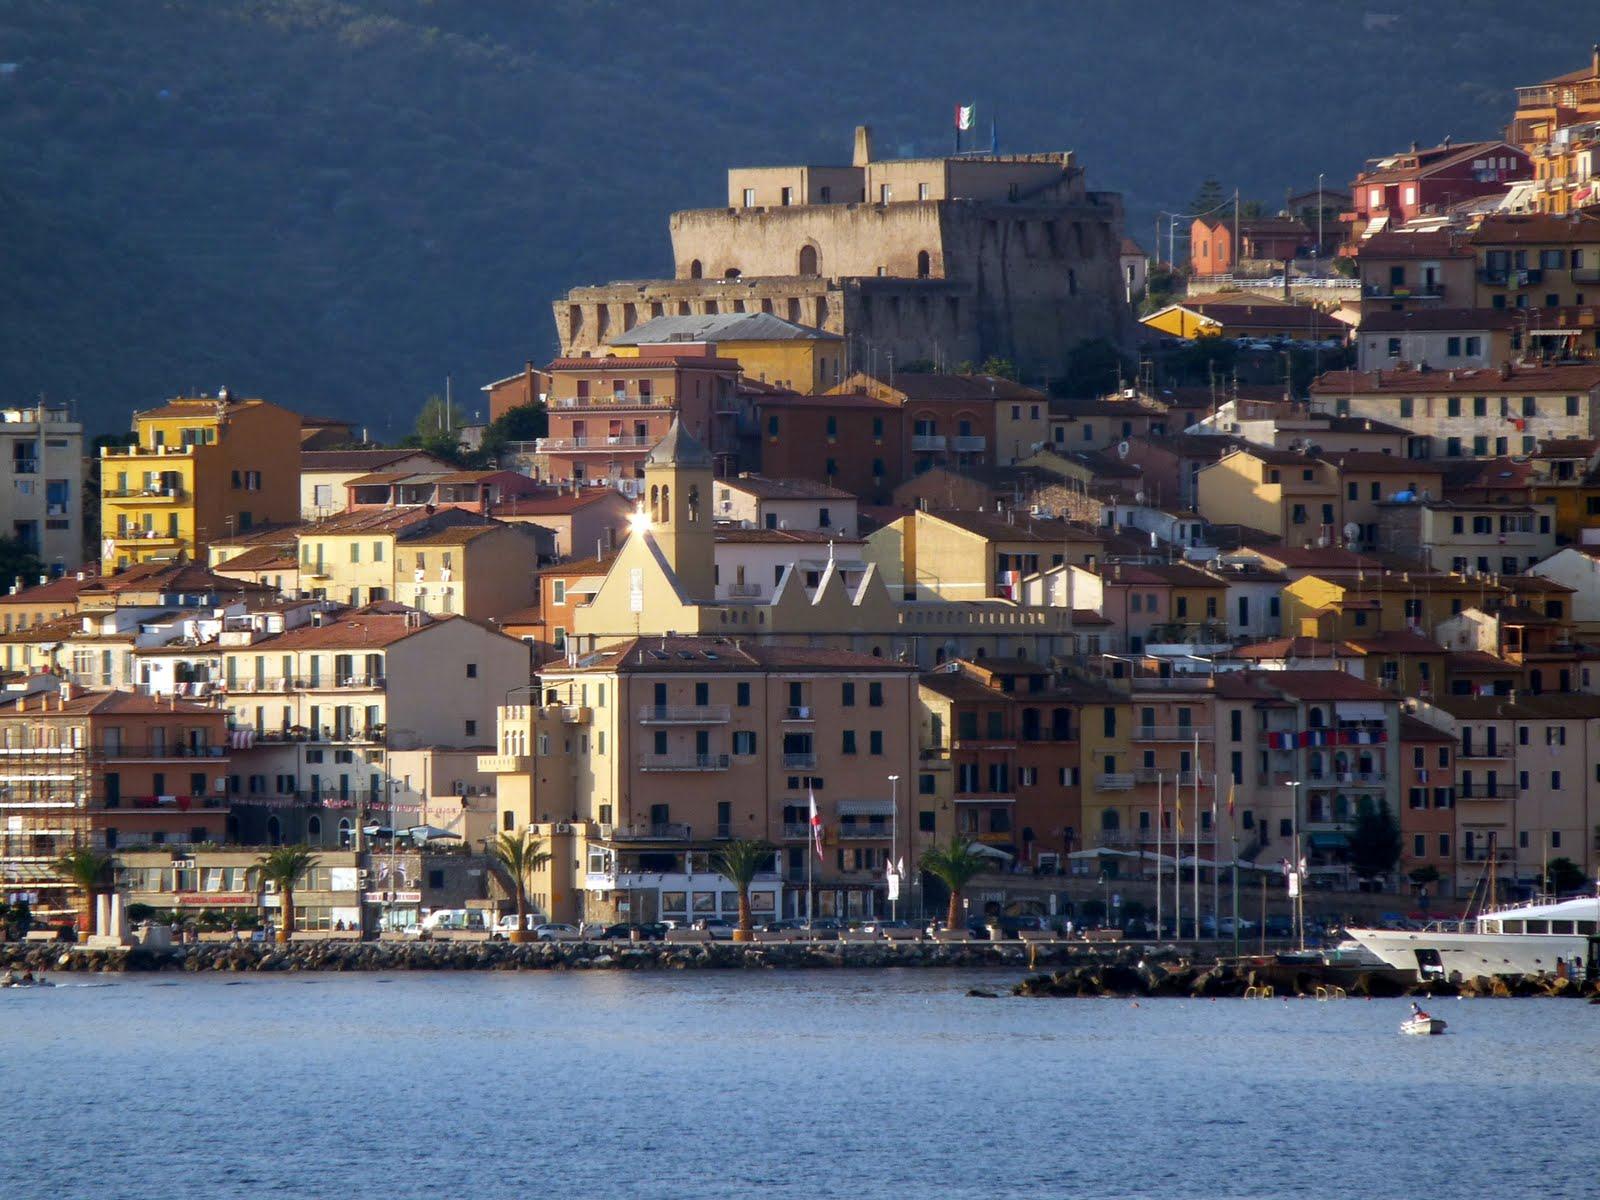 giro fortezza spagnola antica nave greca monte argentario isola del giglio giglionews